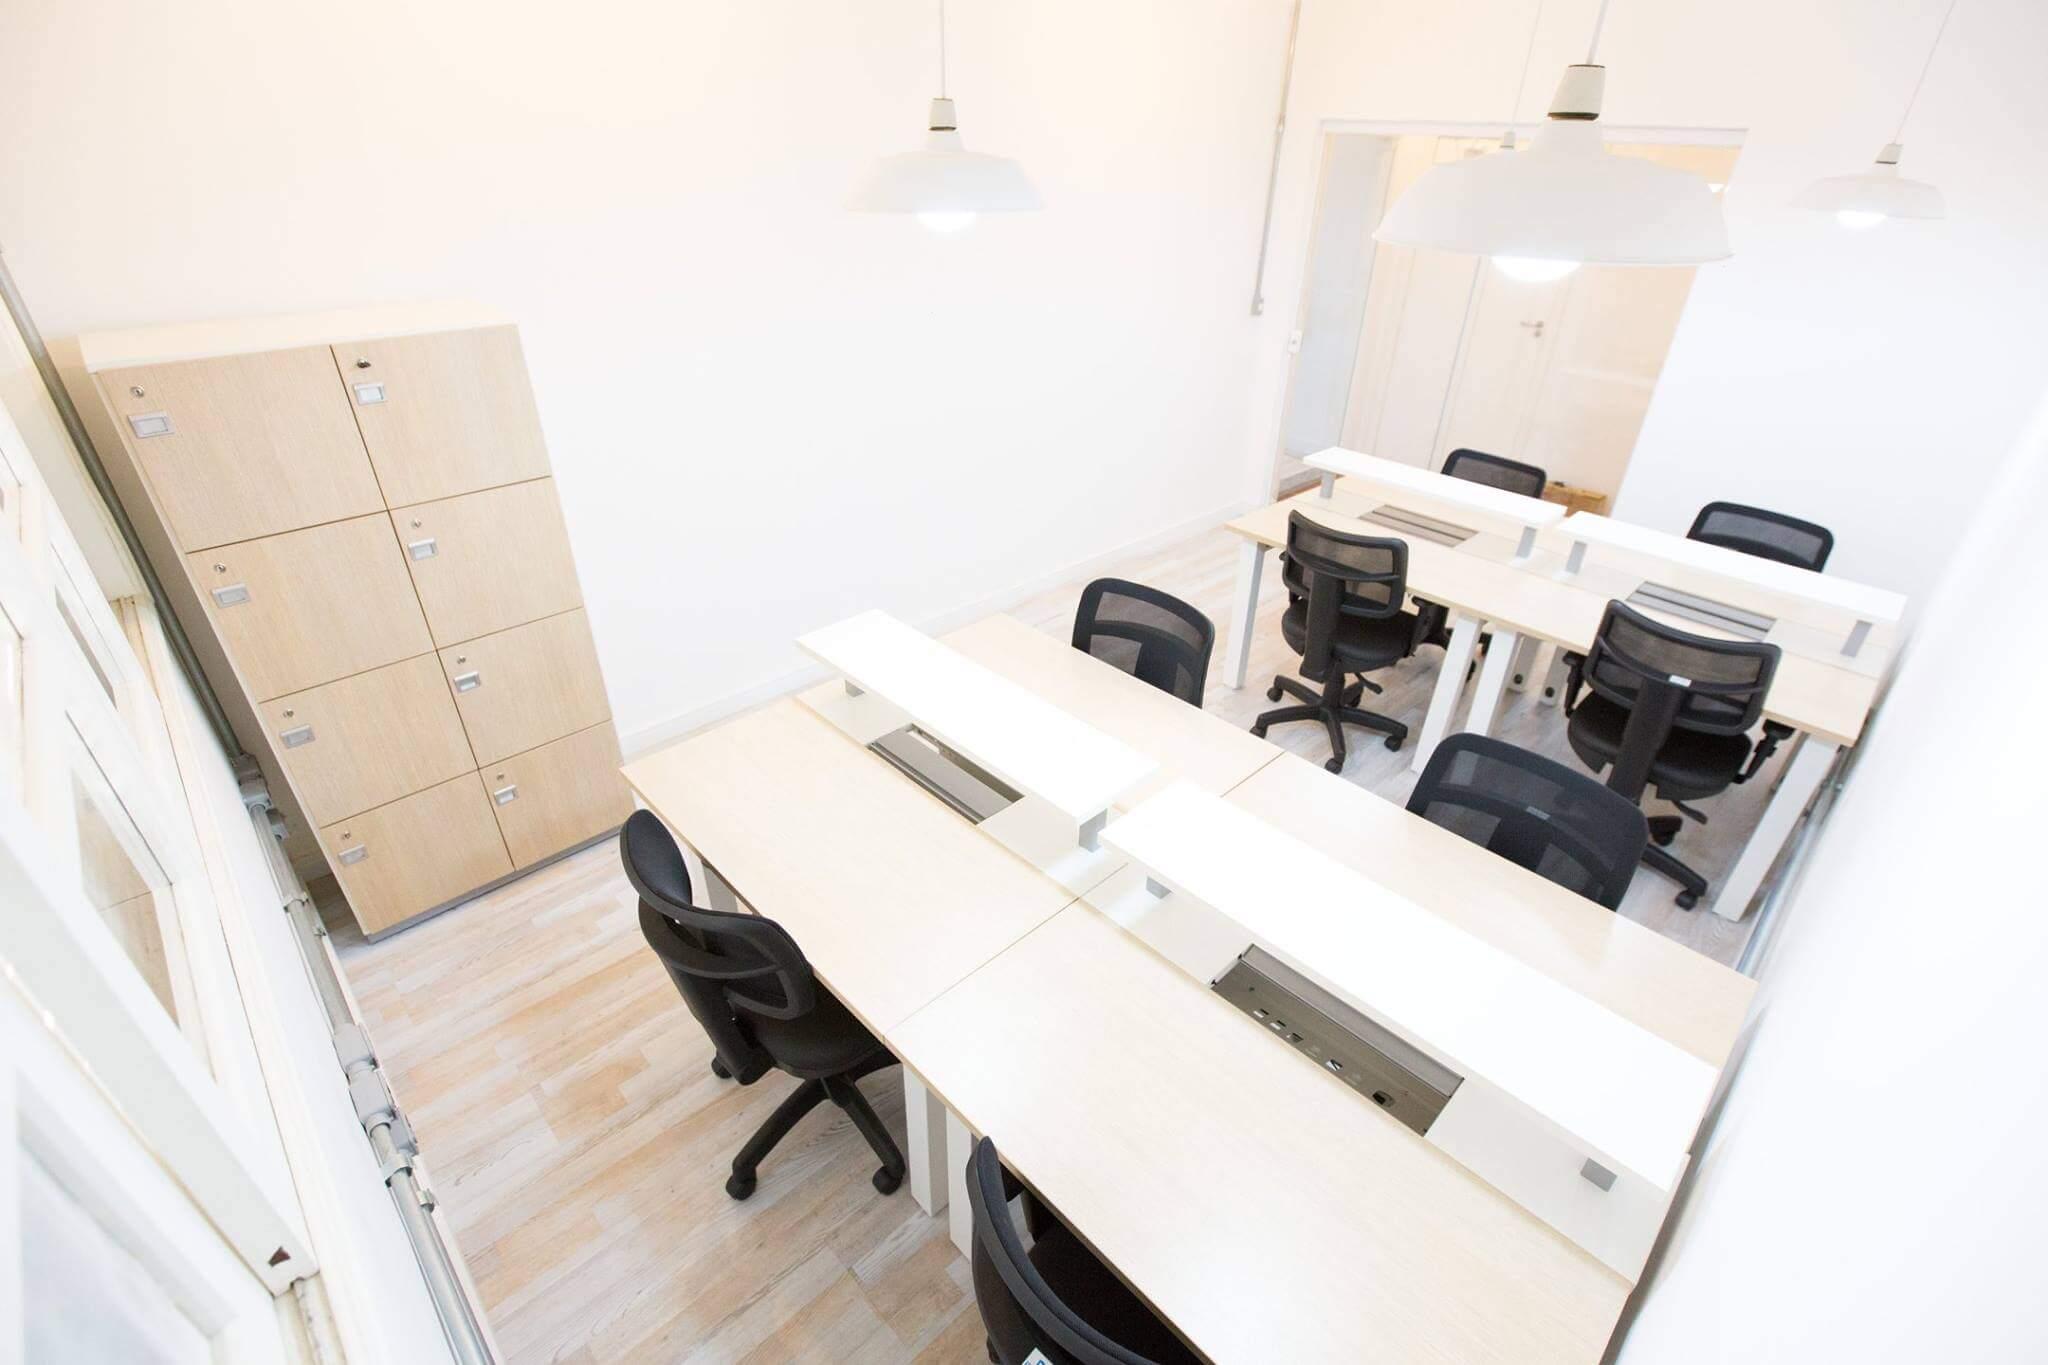 Loasi Coworking SJC - Escritório Compartilhado em São José dos Campos - Aluguel de Salas comerciais